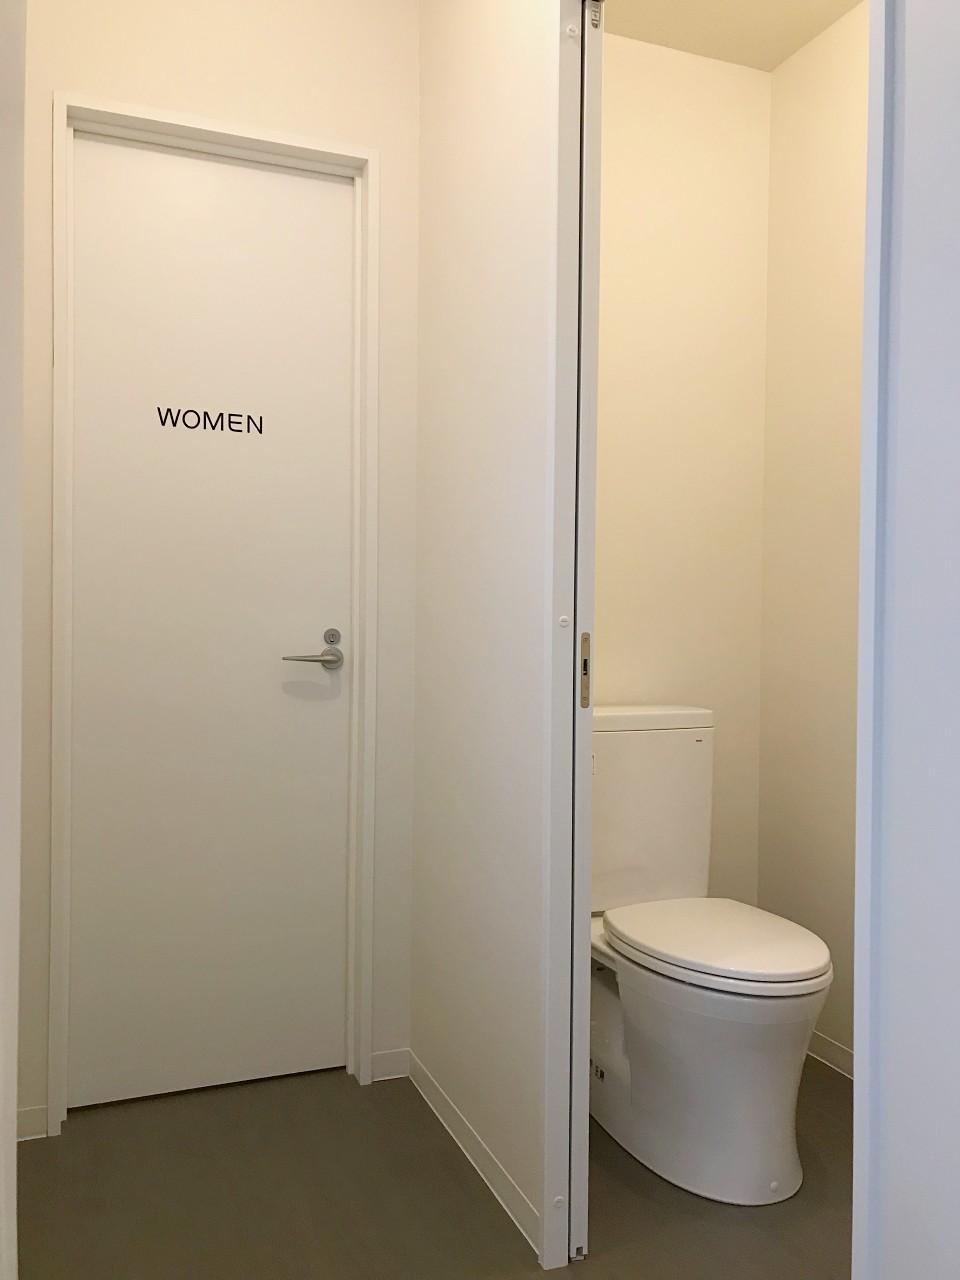 新設されたトイレは男女別です